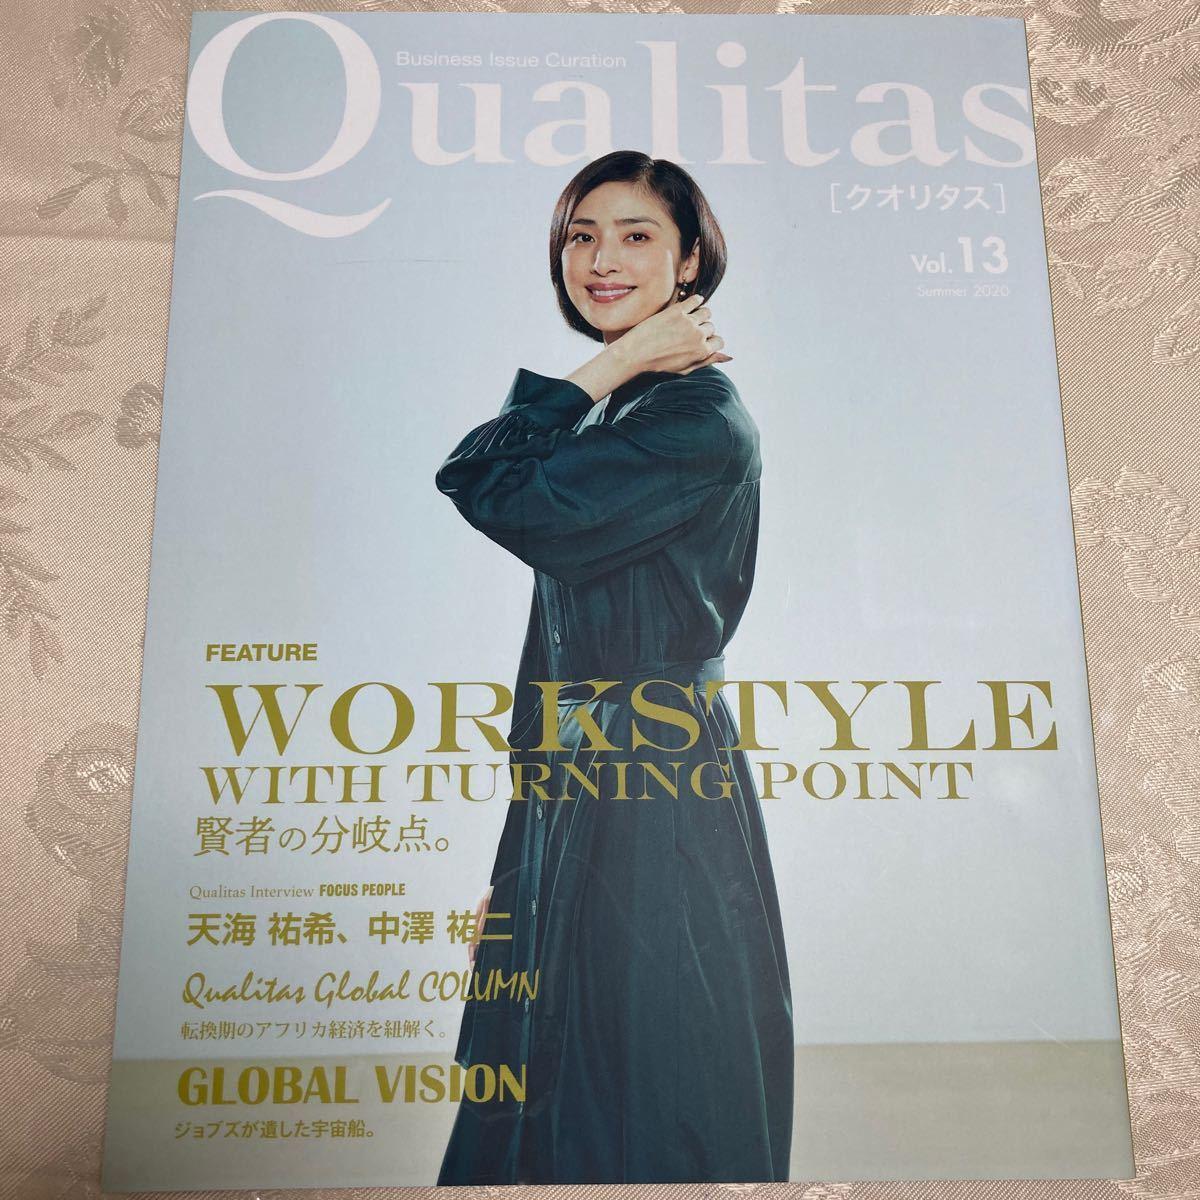 クオリタス Qualitas vol.13 星雲社 グローヴィス